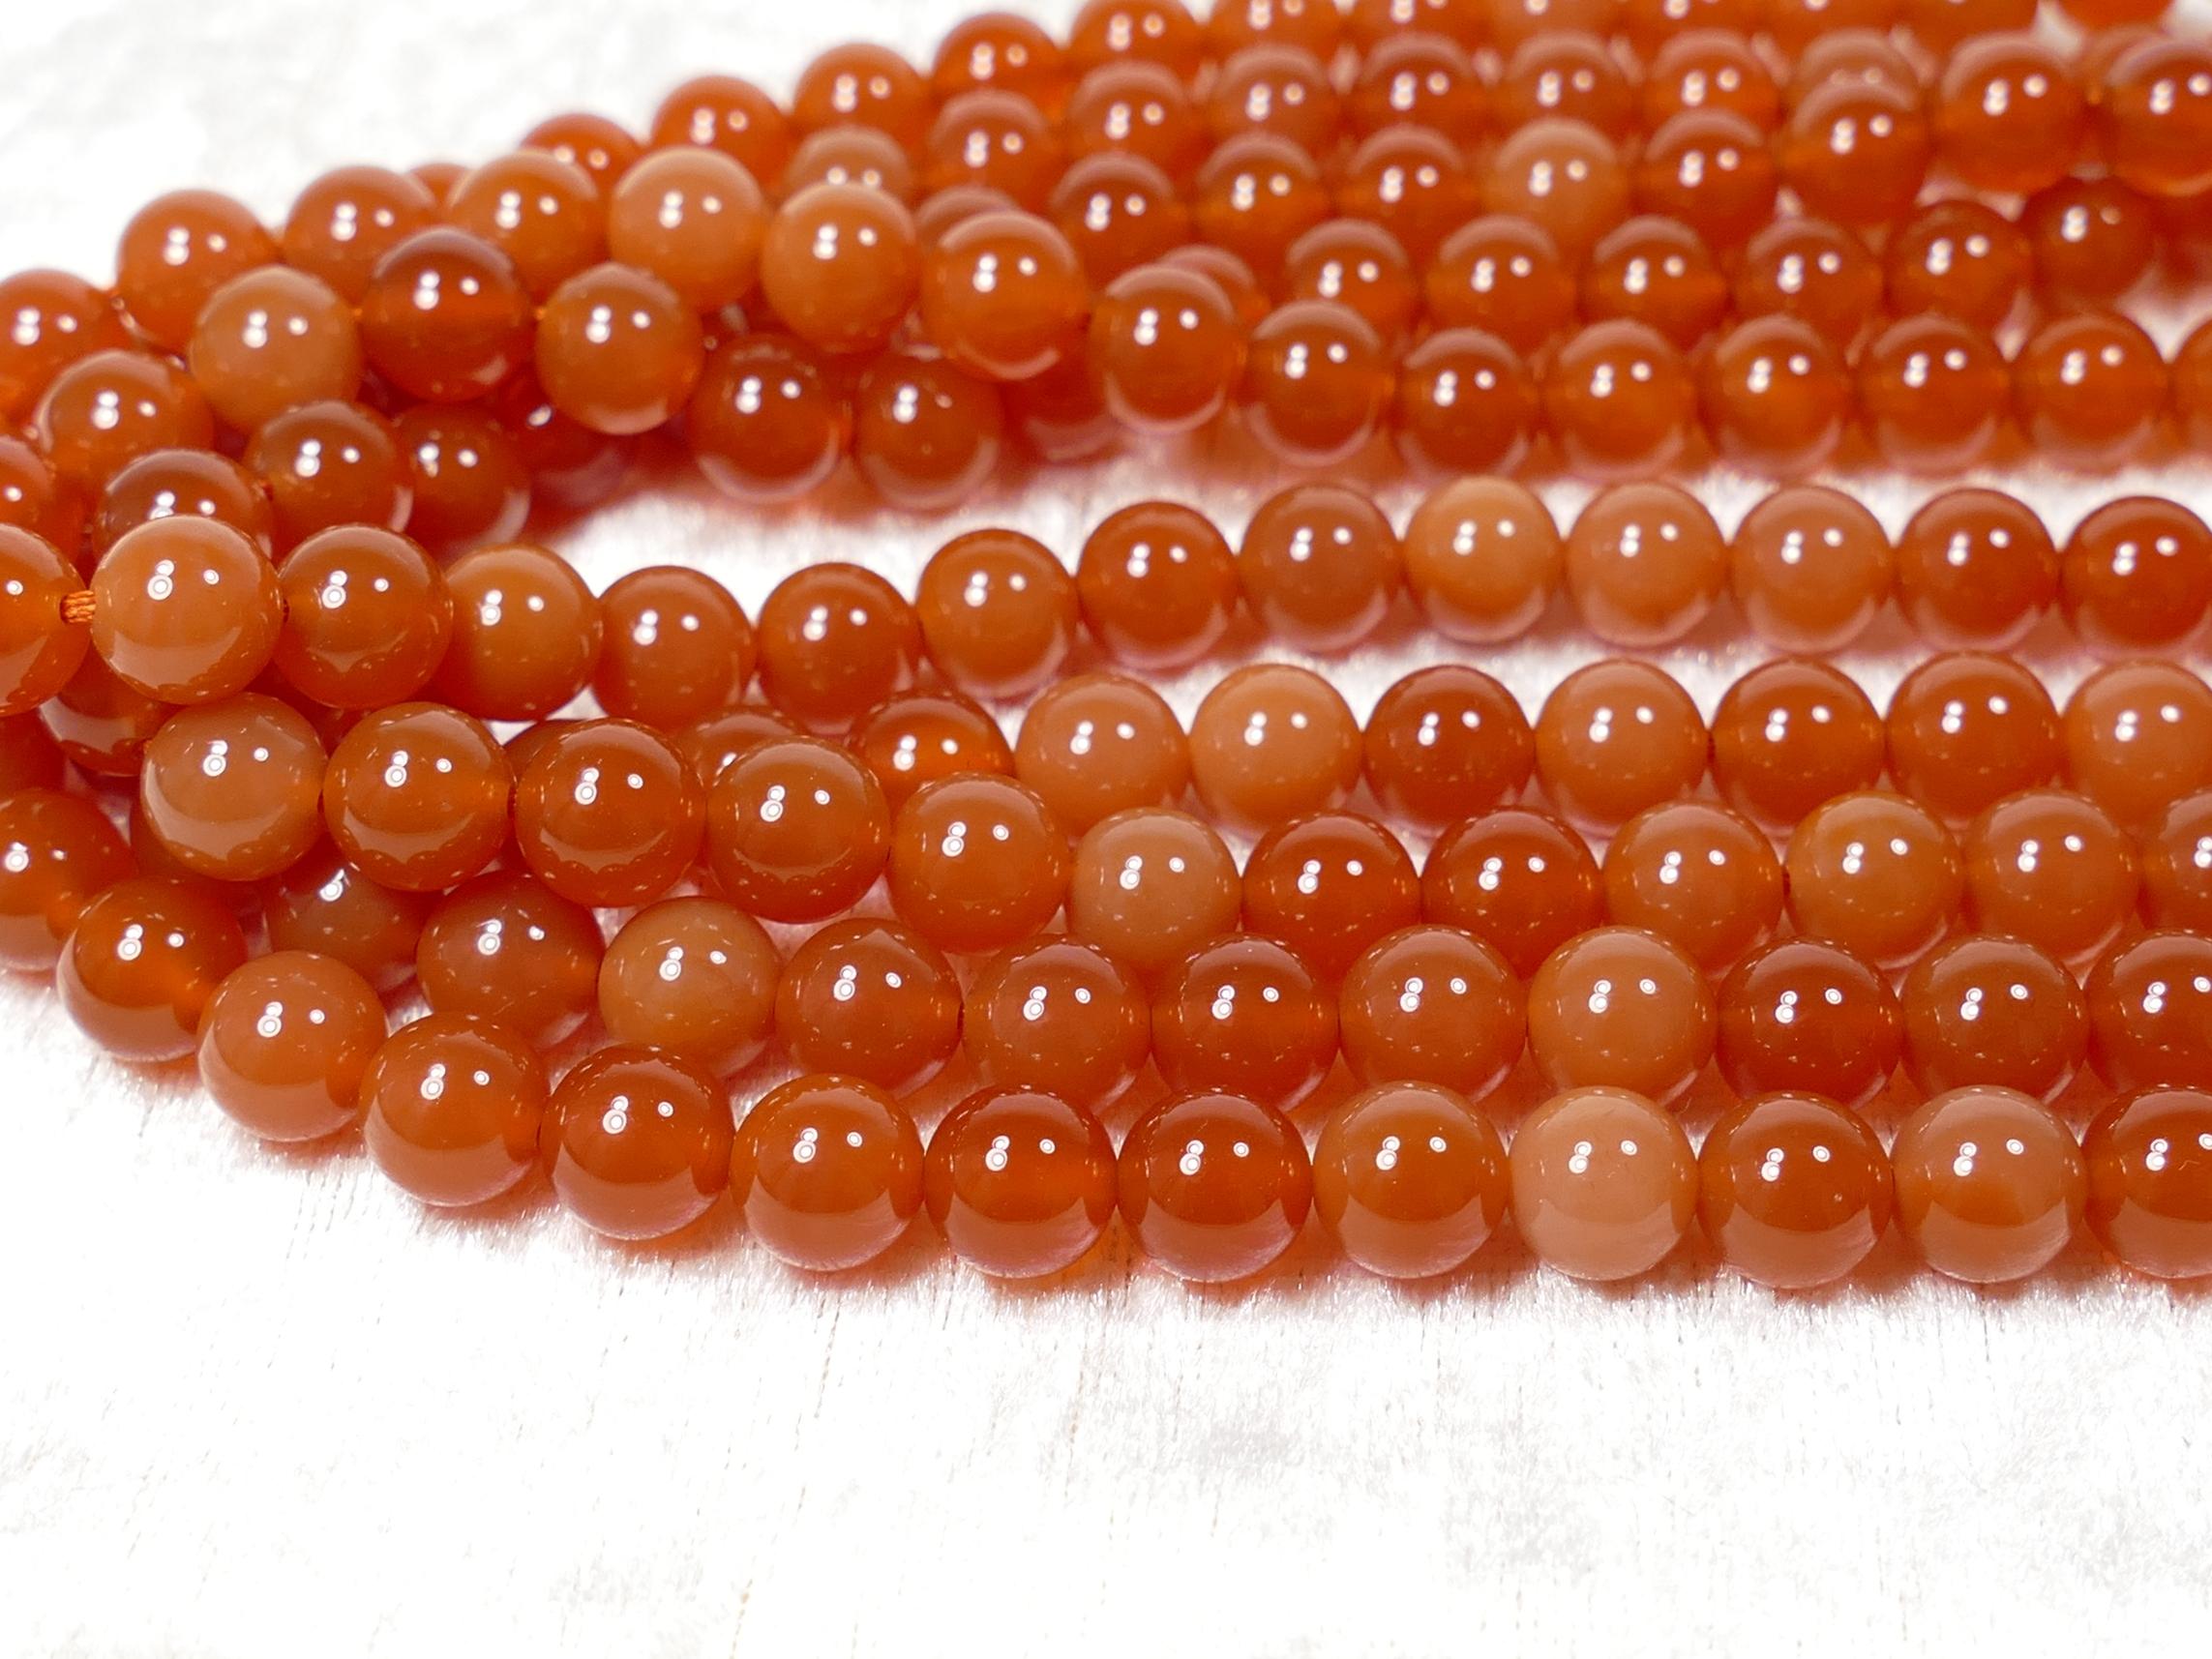 8.3mm Fil de perles d\'Agate naturelle teintée orangé rouge boule / ronde lisse 38cm (15inch) (#AC1049)